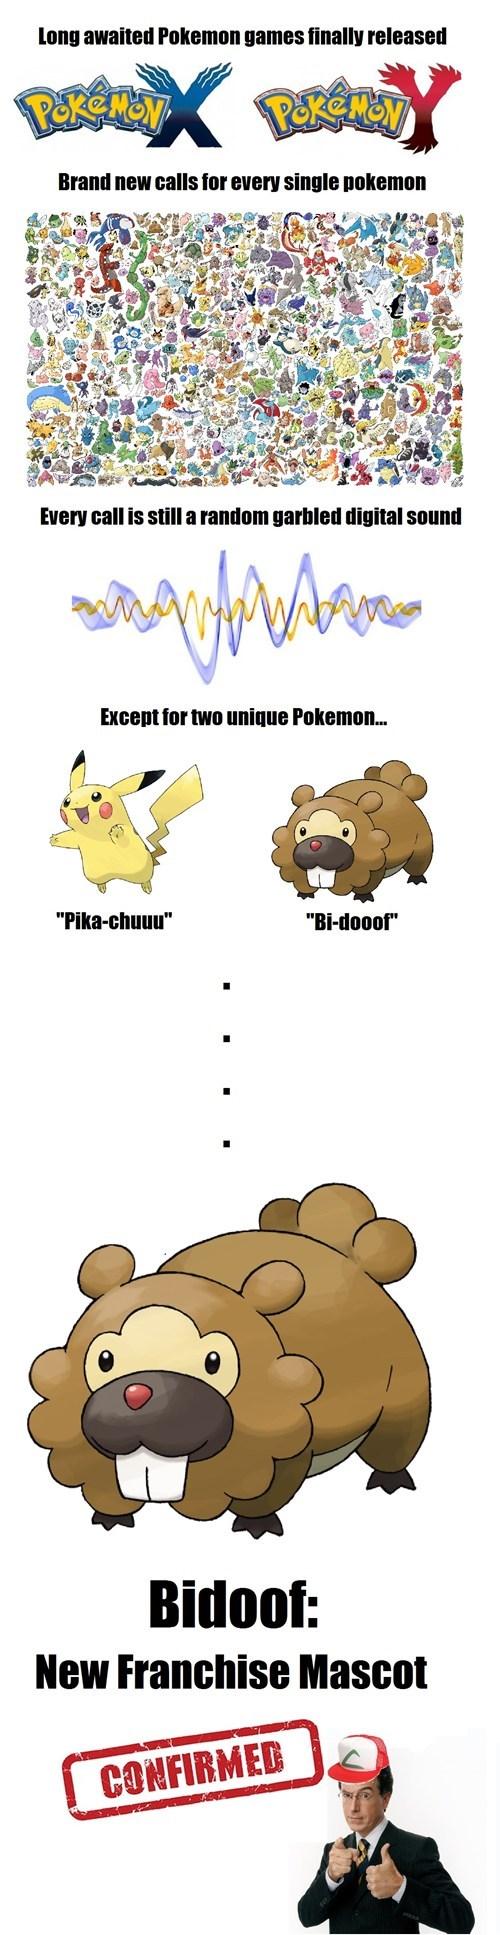 pokemon xy,bidoof,pikachu